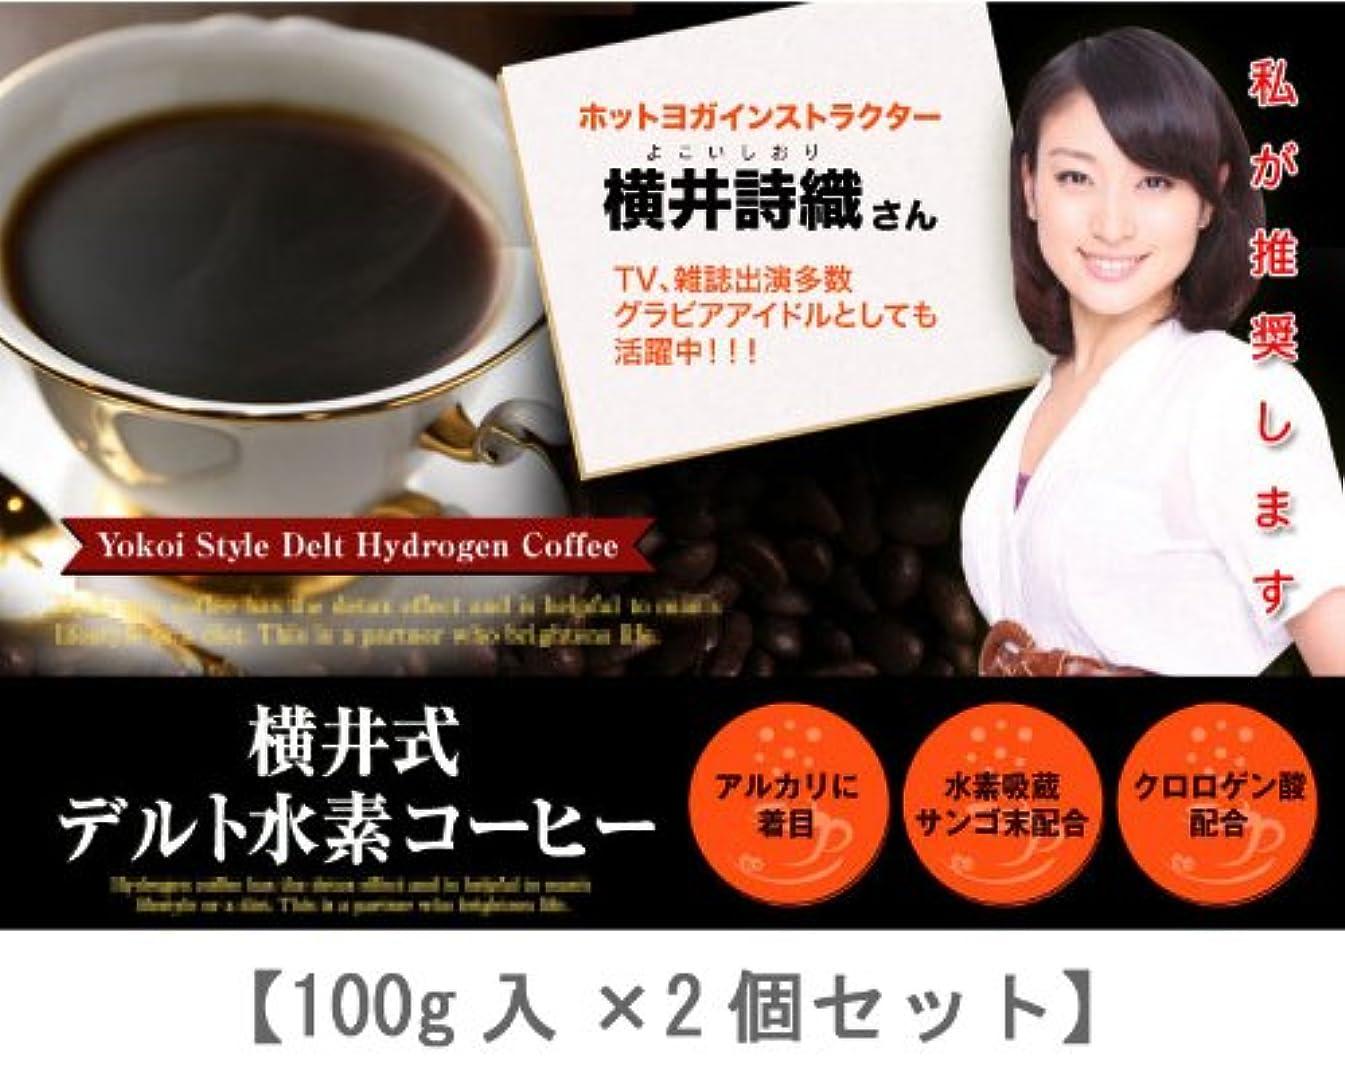 やる制限された強調横井式デルト水素コーヒー 2個セット(水素配合ダイエットコーヒー)